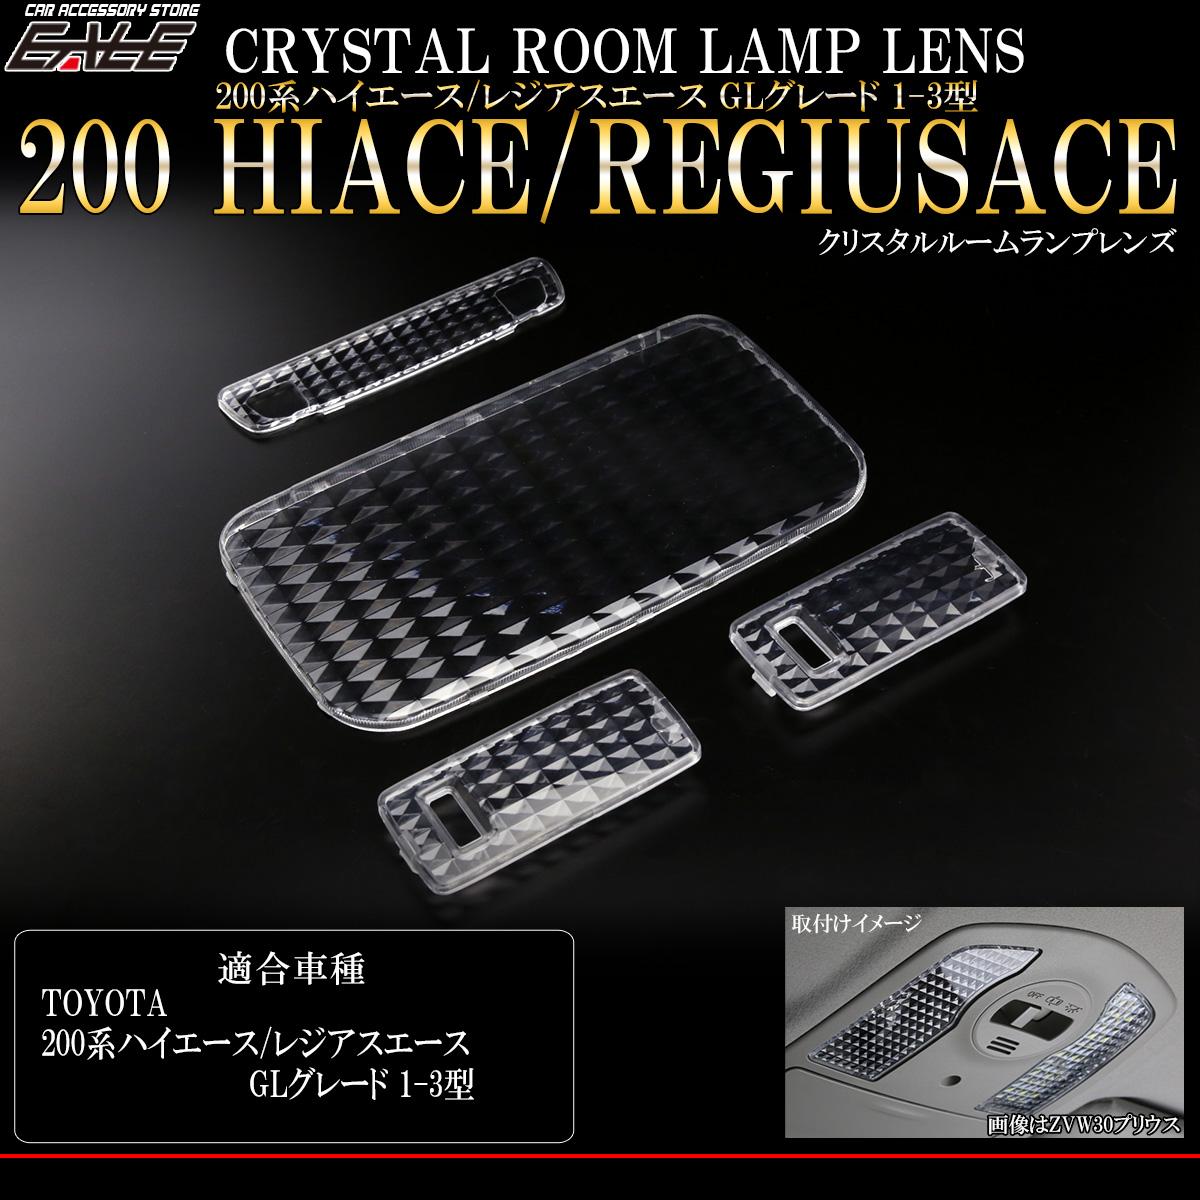 200系 ハイエース クリスタル ルームランプ レンズ スーパーGL 1型 2型 3型 4点セット TOYOTA トヨタ R-323